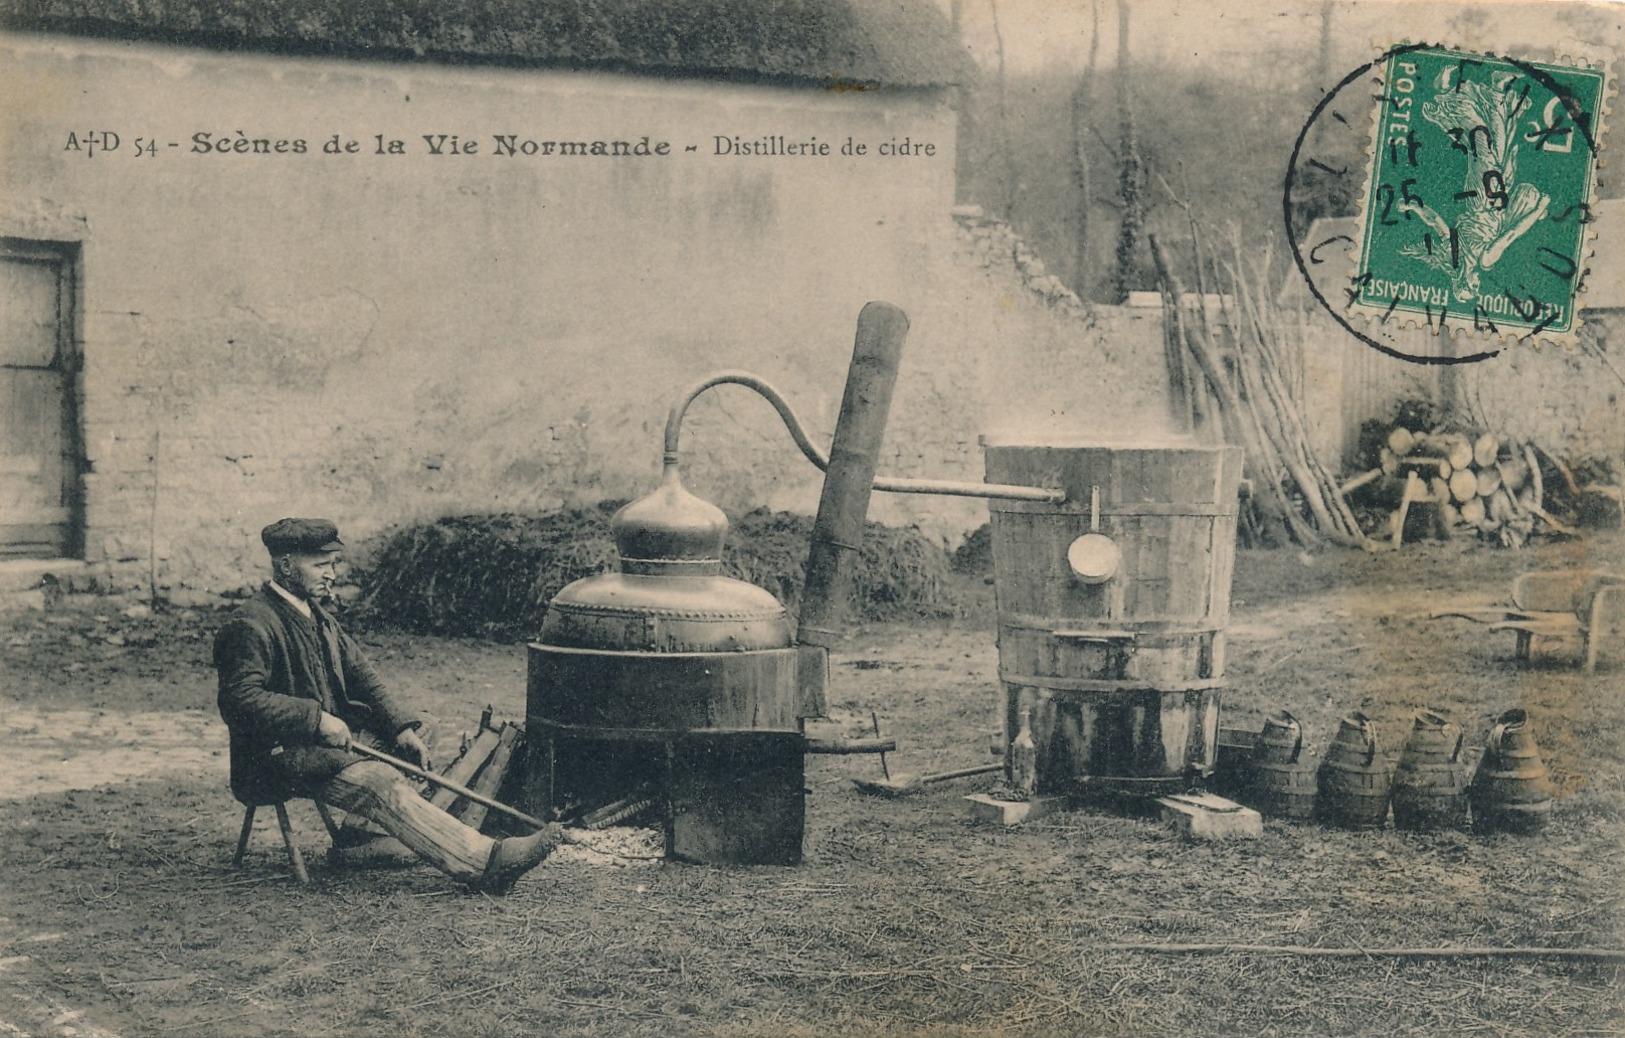 H238 - 14 - Scènes De La Vie Normande - Distillerie De Cidre - France